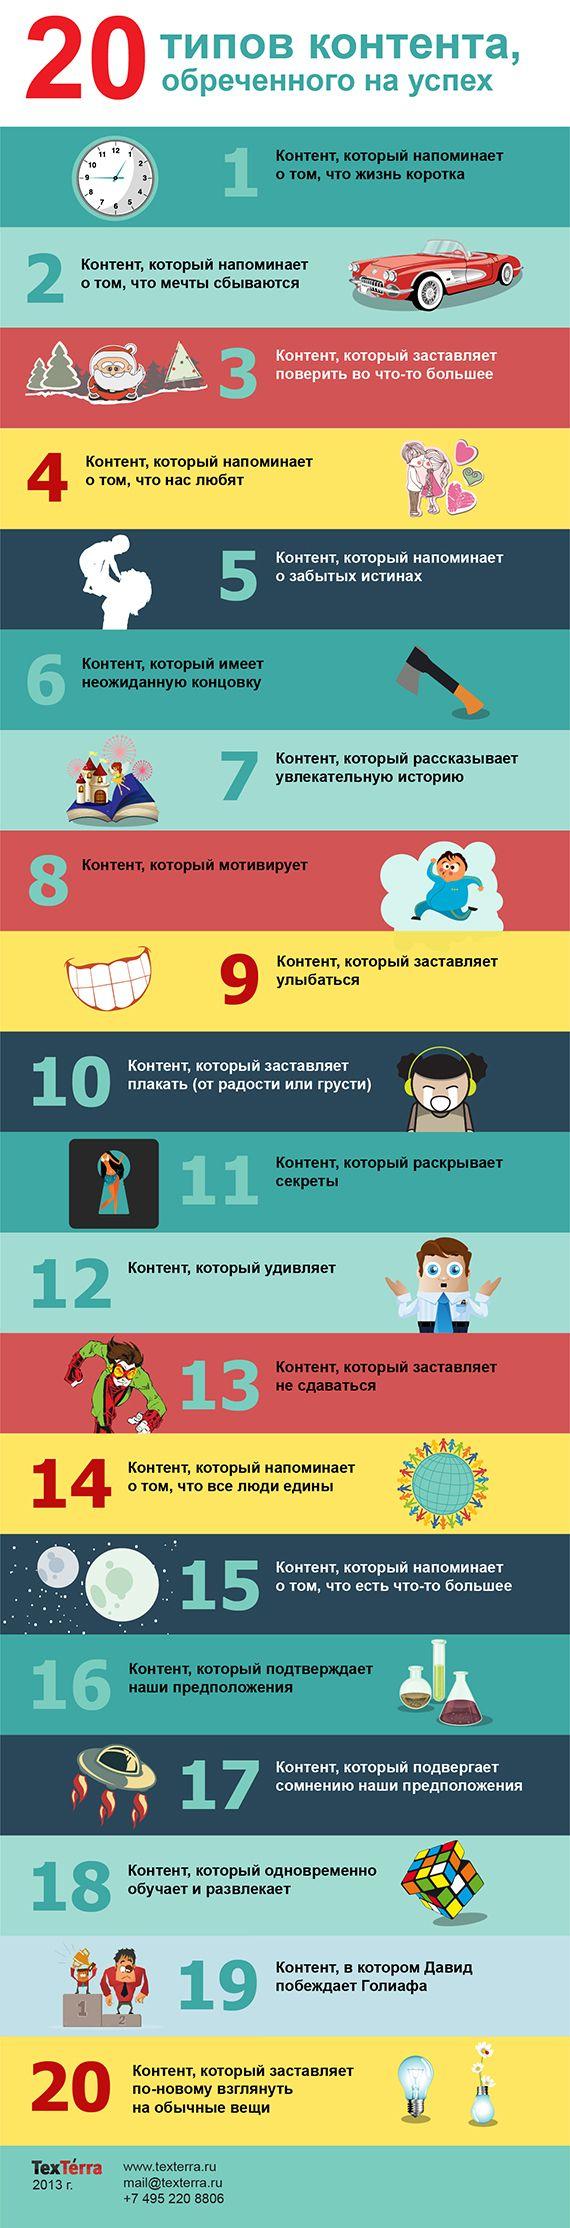 #Инфографика о контент маркетинге